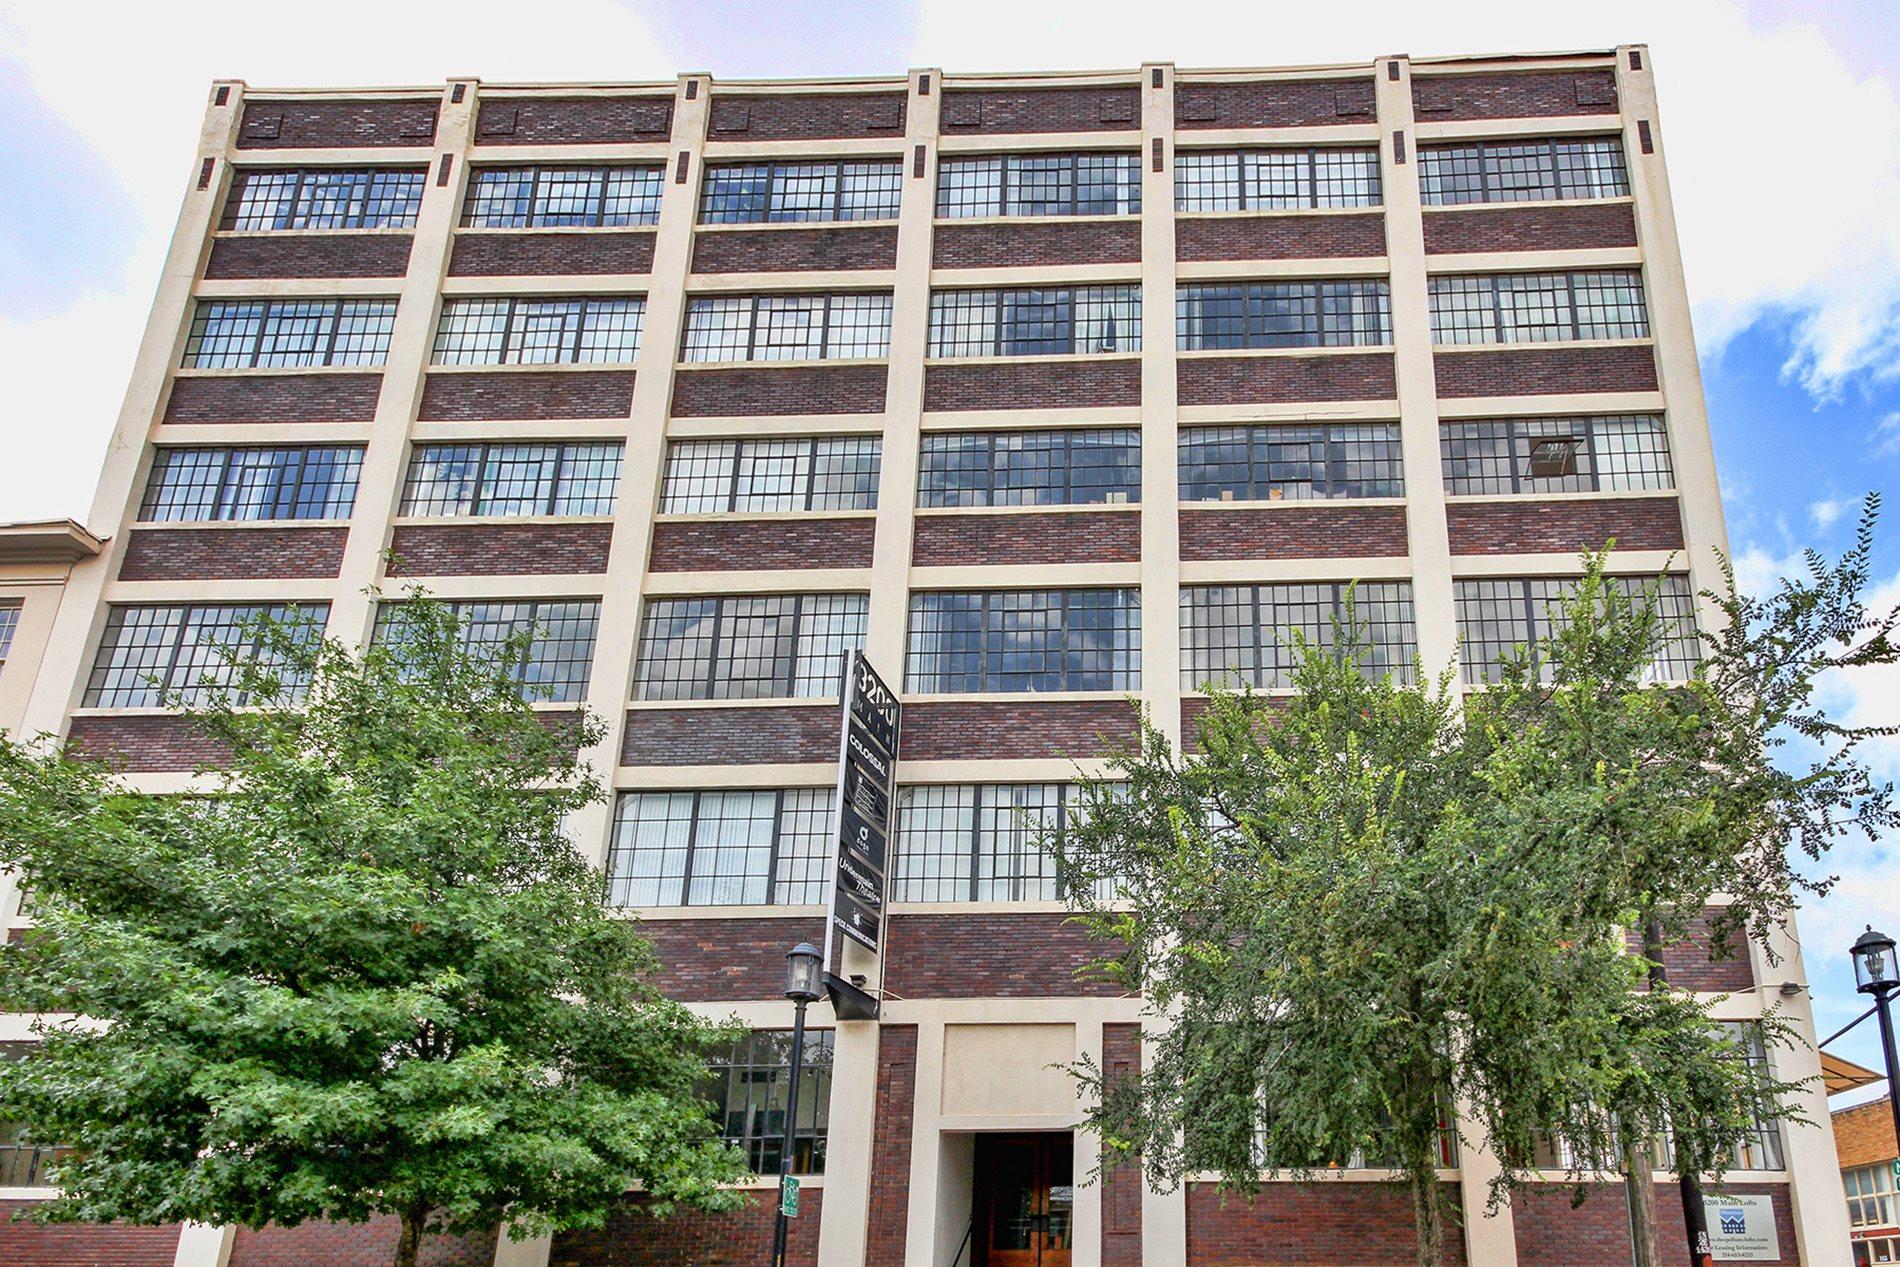 3200 Main Lofts Exterior at Deep Ellum Lofts, Dallas, Texas, TX